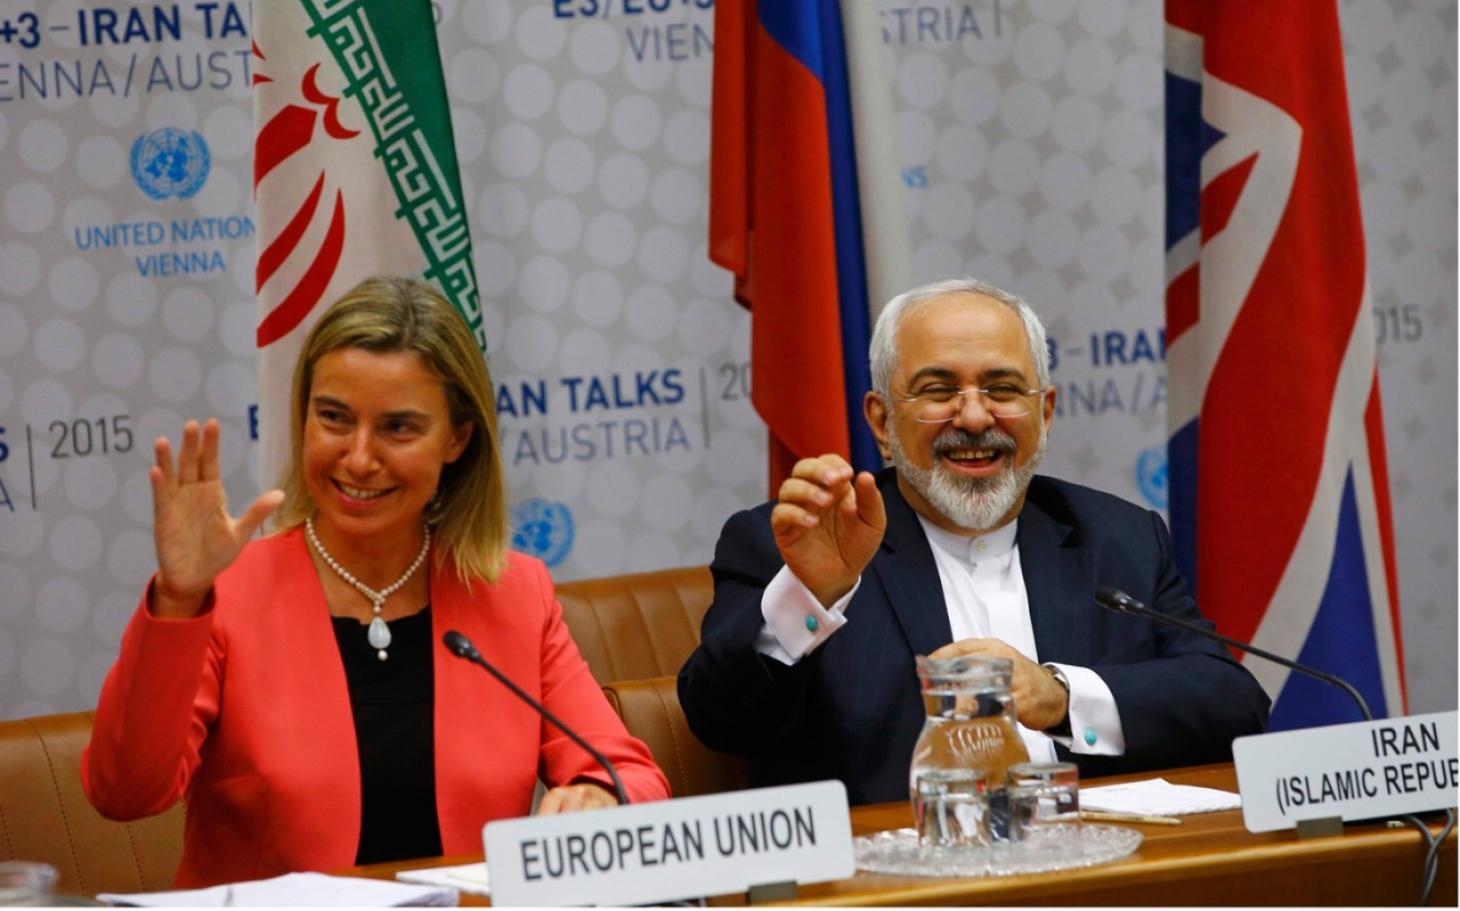 Timeline Iran Nuclear Agreement Al Jazeera America